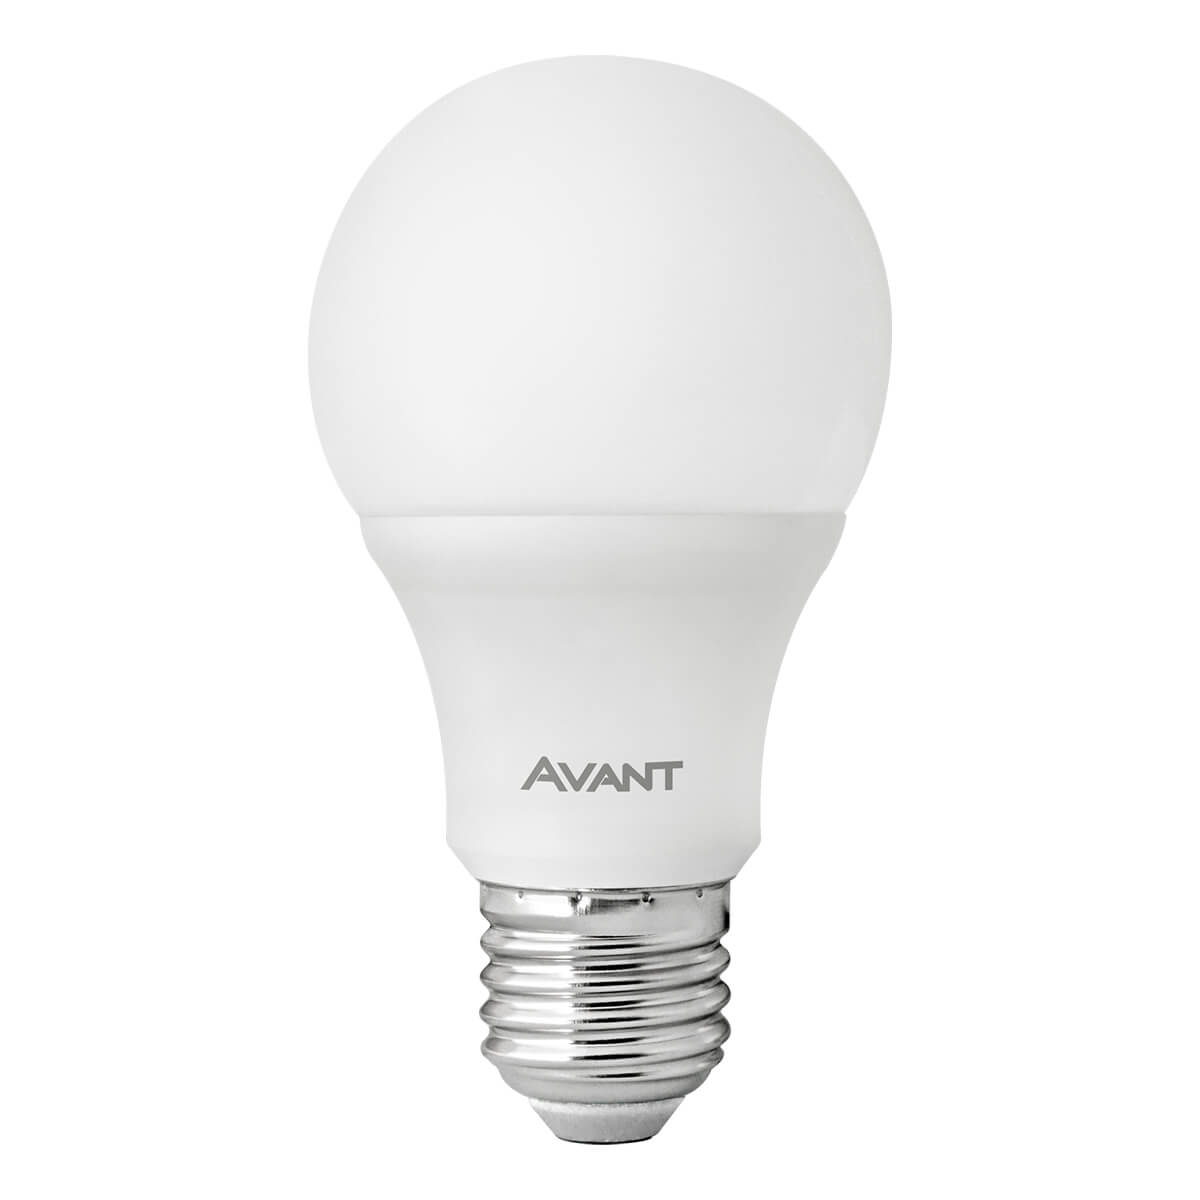 Lâmpada LED 9W Bulbo A60 - Avant